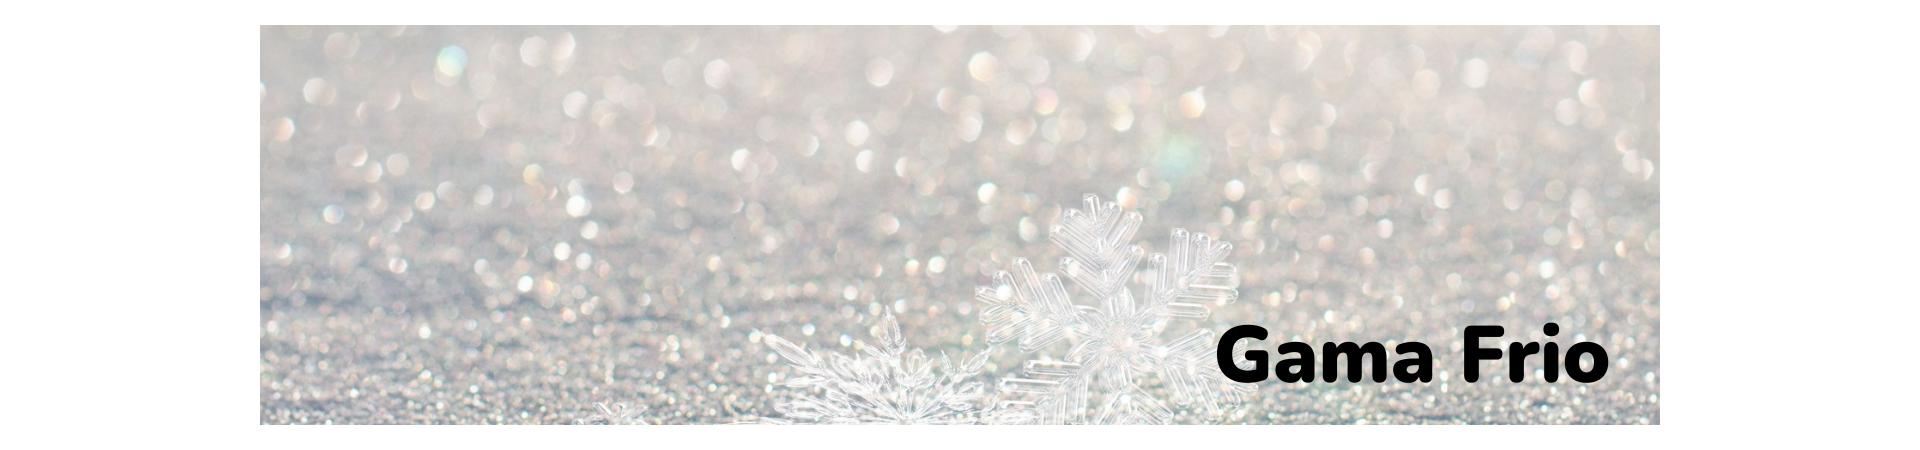 🥇 Gama frío,  maquinaria para refrigeración y congelación con garantía.